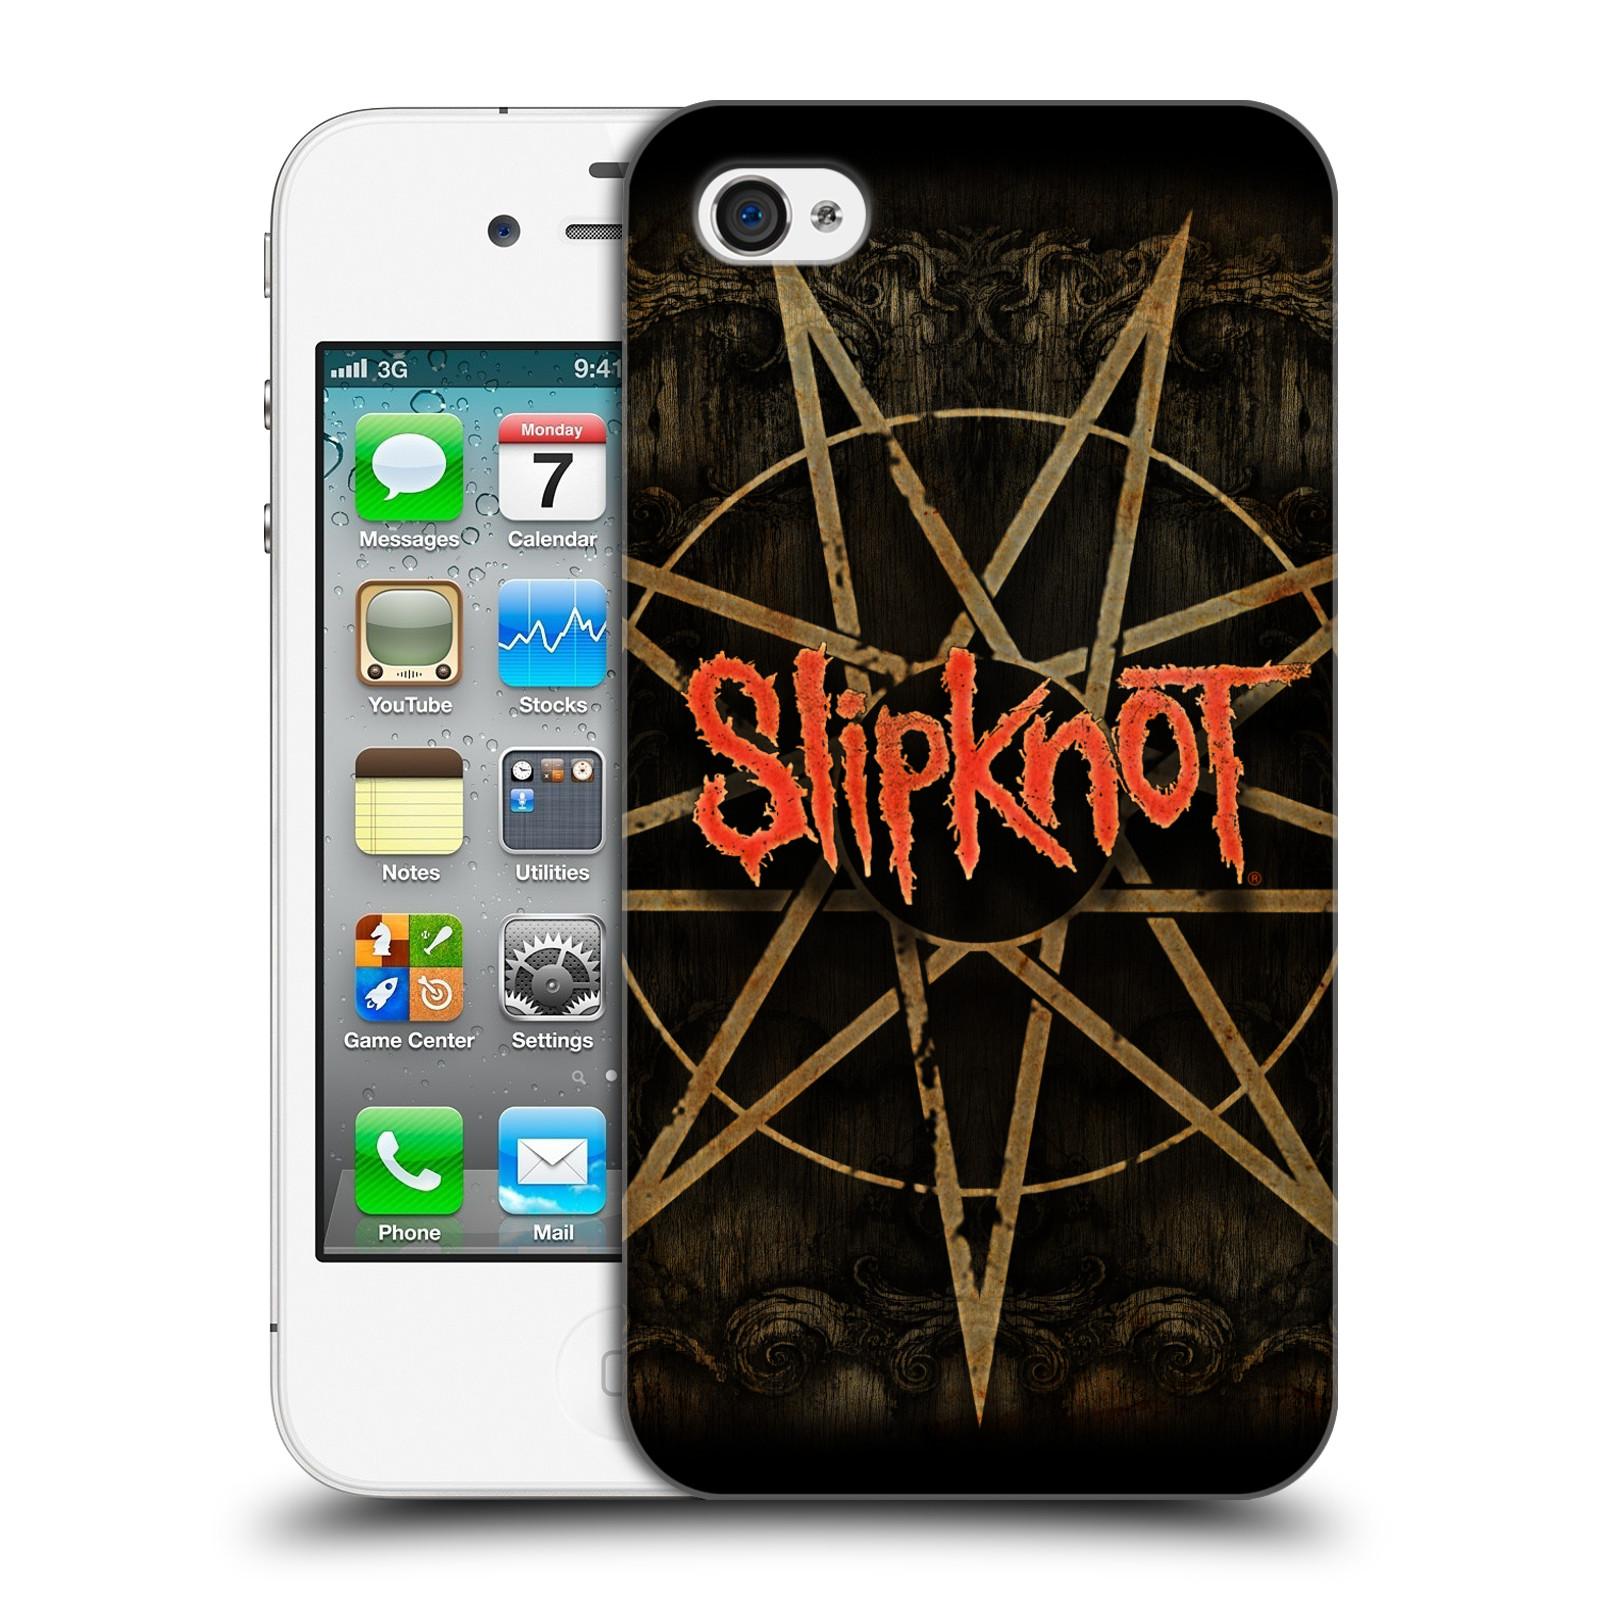 Plastové pouzdro na mobil Apple iPhone 4 a 4S HEAD CASE Slipknot - Znak